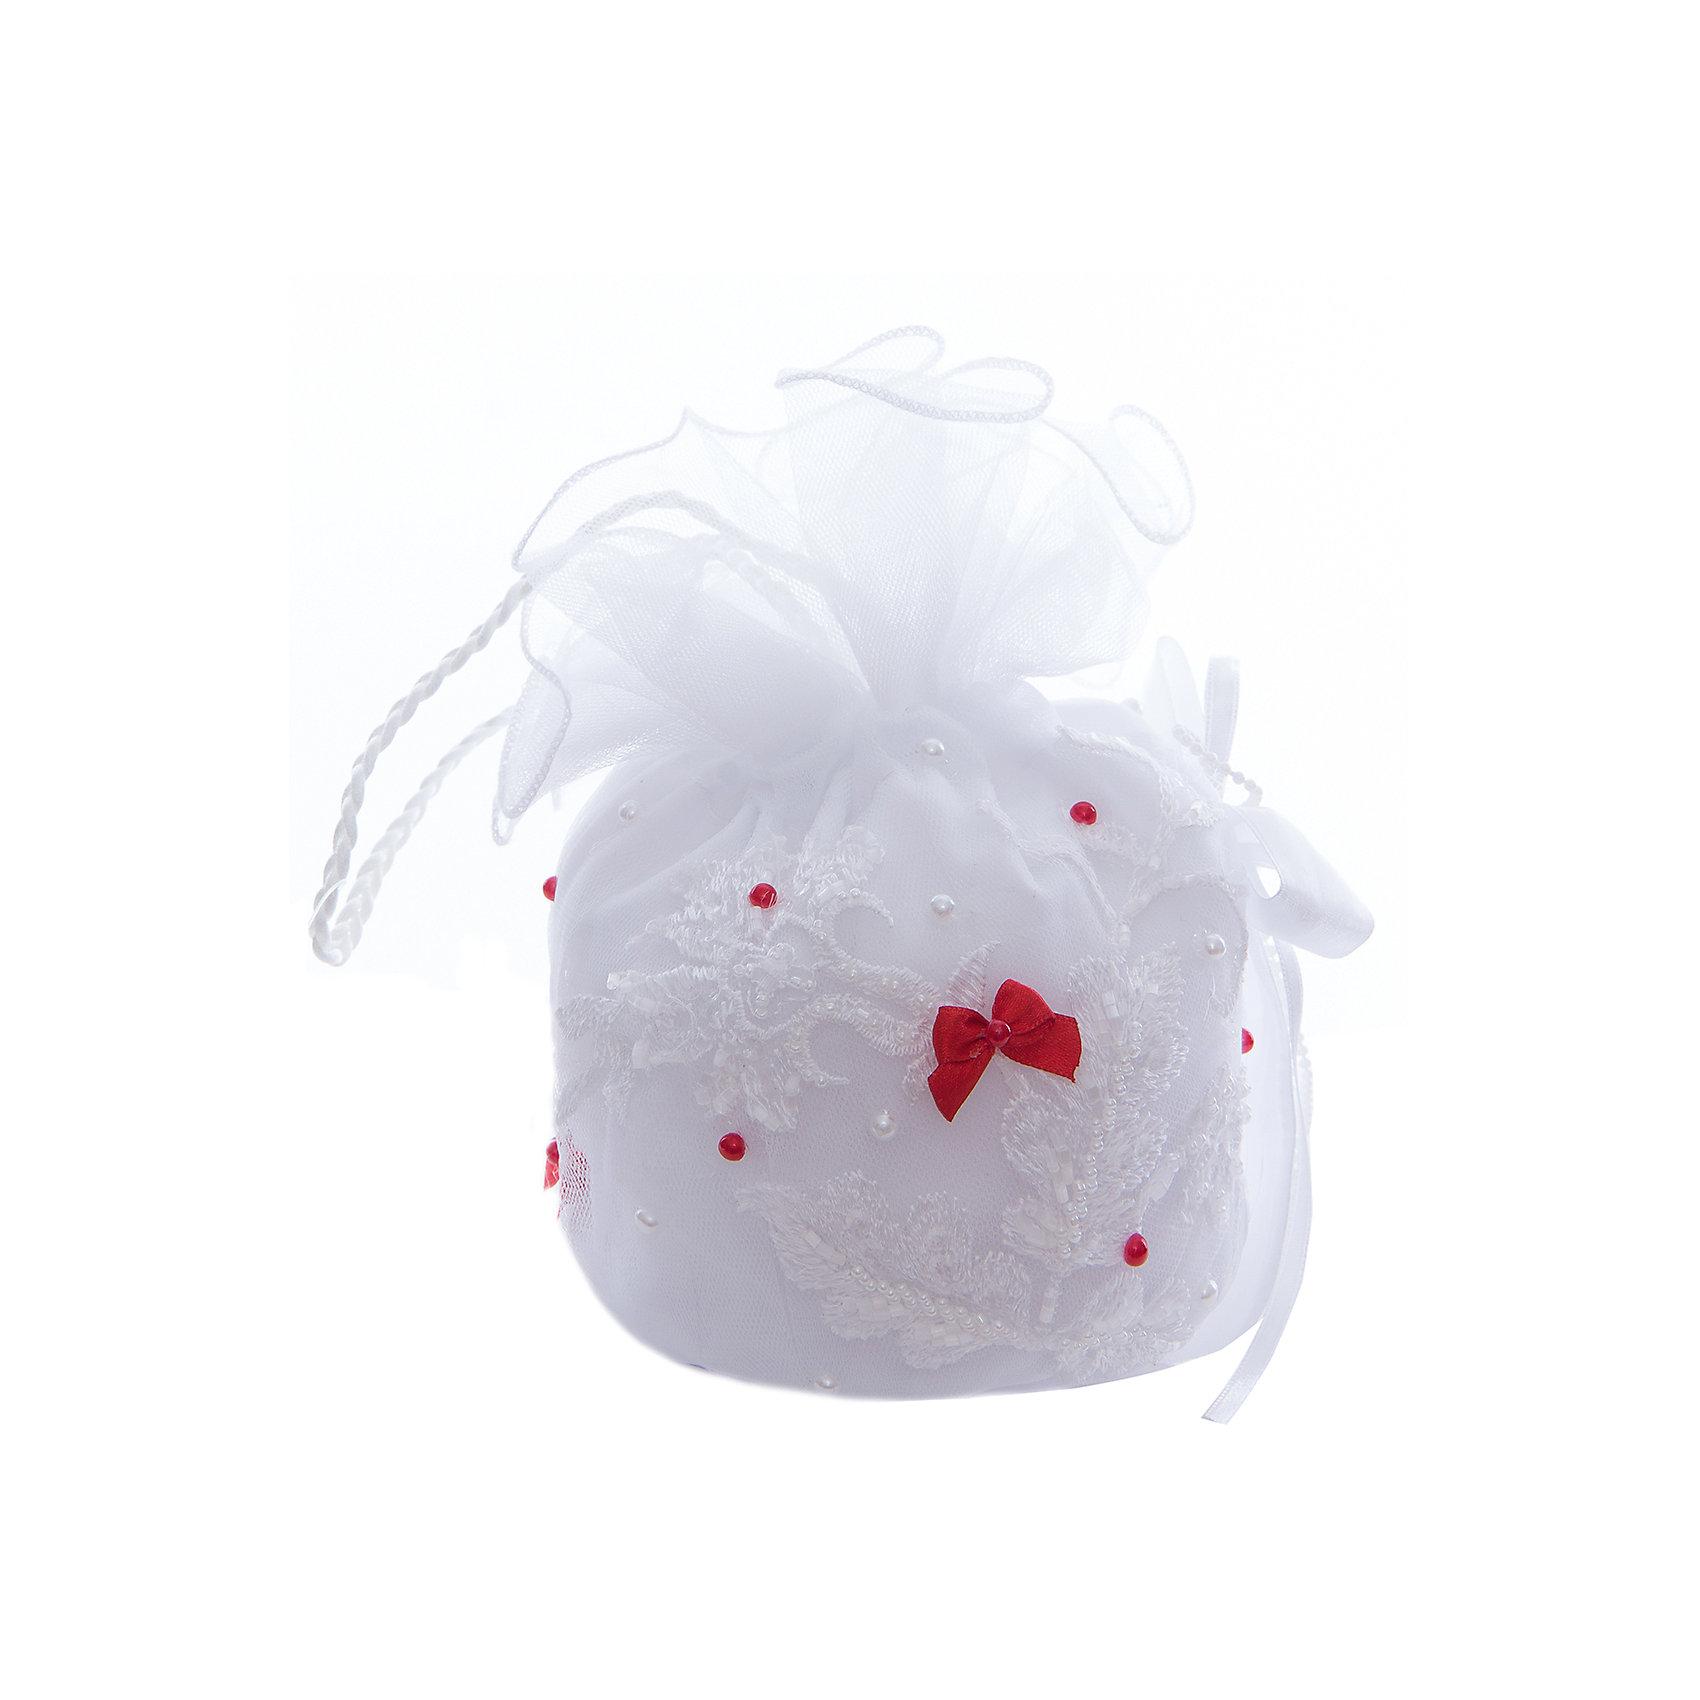 Сумочка для девочки ПрестижХарактеристики:<br><br>• Вид аксессуара: сумочка<br>• Пол: для девочки<br>• Предназначение: вечерняя<br>• Коллекция: IP<br>• Сезон: круглый год<br>• Цвет: белый, красный<br>• Материал: текстиль, кружево, фатин<br>• Особенности ухода: сухая чистка<br><br>Сумочка для девочки Престиж от отечественного производителя, который специализируется на выпуске праздничной одежды и аксессуаров как для взрослых, так и для детей. Изделие выполнено из сочетания текстиля, фатина, атласных лент. Все материалы хорошо держат и сохраняют форму, не вызывают аллергических реакций. У сумочки предусмотрена ручка. Декорирована стразами и бусинами.<br><br>Сумочка для девочки Престиж не только дополнит праздничный образ юной леди, но и сделает его изысканным и стильным!<br><br>Сумочку для девочки Престиж можно купить в нашем интернет-магазине.<br><br>Ширина мм: 170<br>Глубина мм: 157<br>Высота мм: 67<br>Вес г: 117<br>Цвет: красный<br>Возраст от месяцев: 60<br>Возраст до месяцев: 168<br>Пол: Женский<br>Возраст: Детский<br>Размер: one size<br>SKU: 5387795